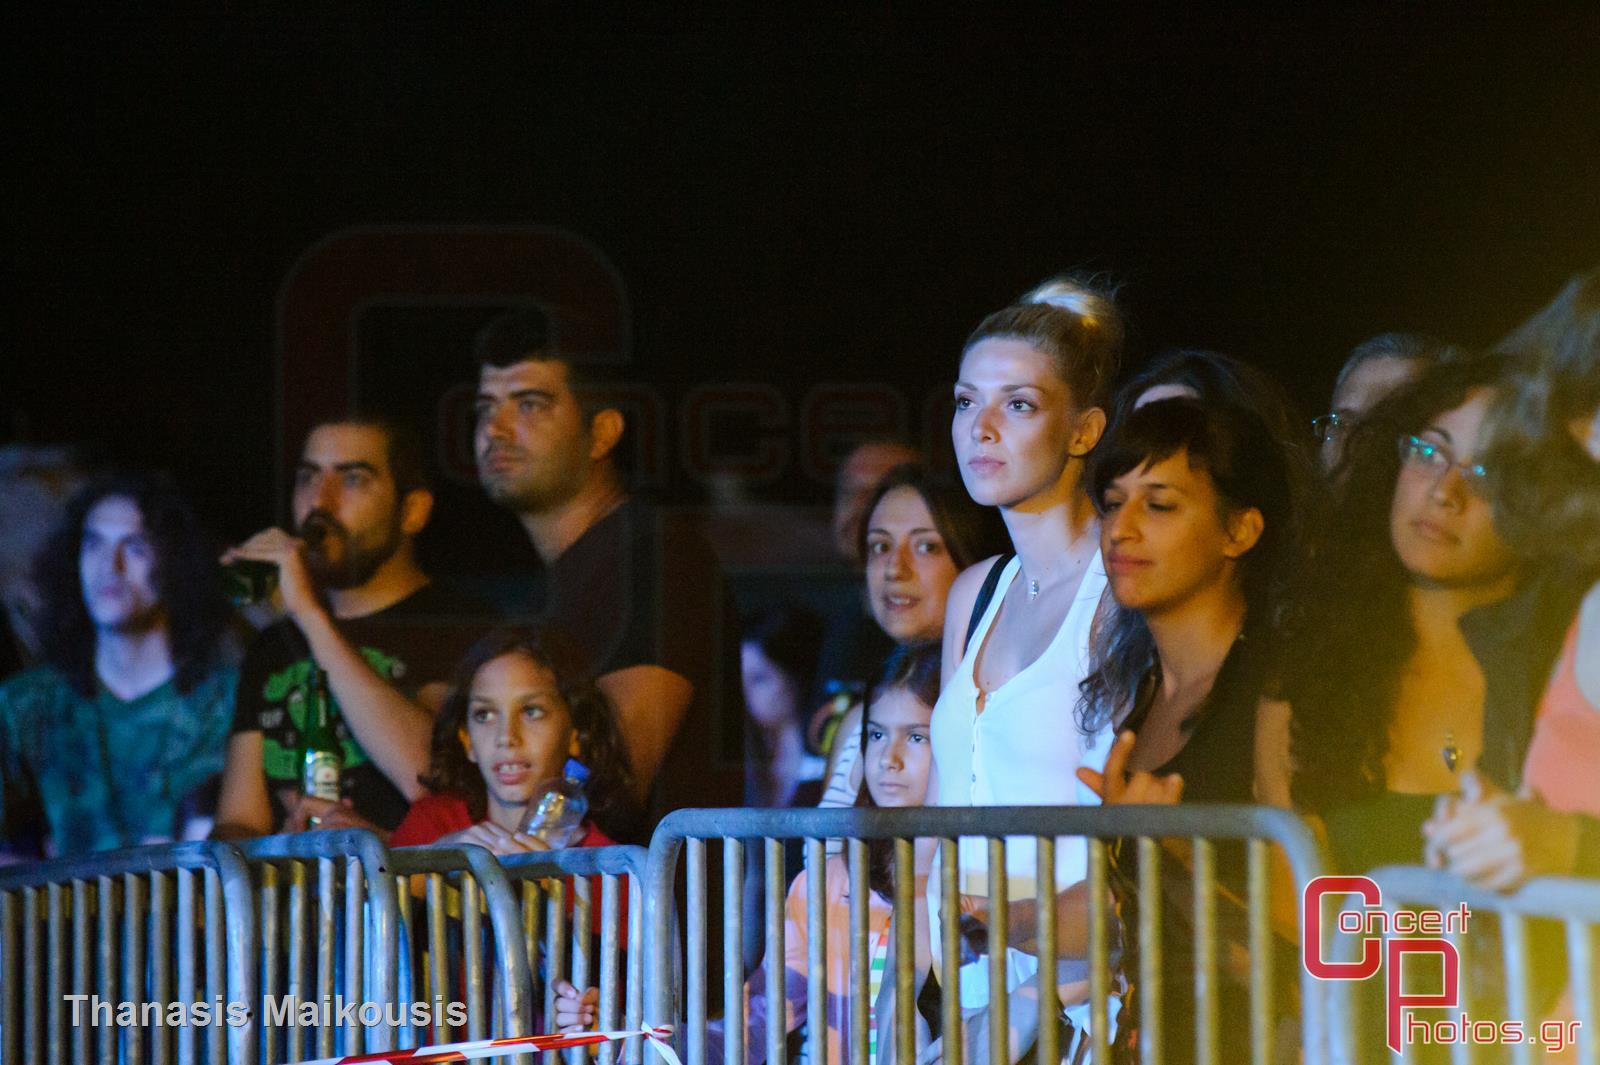 Locomondo-Locomondo 2013 Bolivar photographer: Thanasis Maikousis - concertphotos_-6028